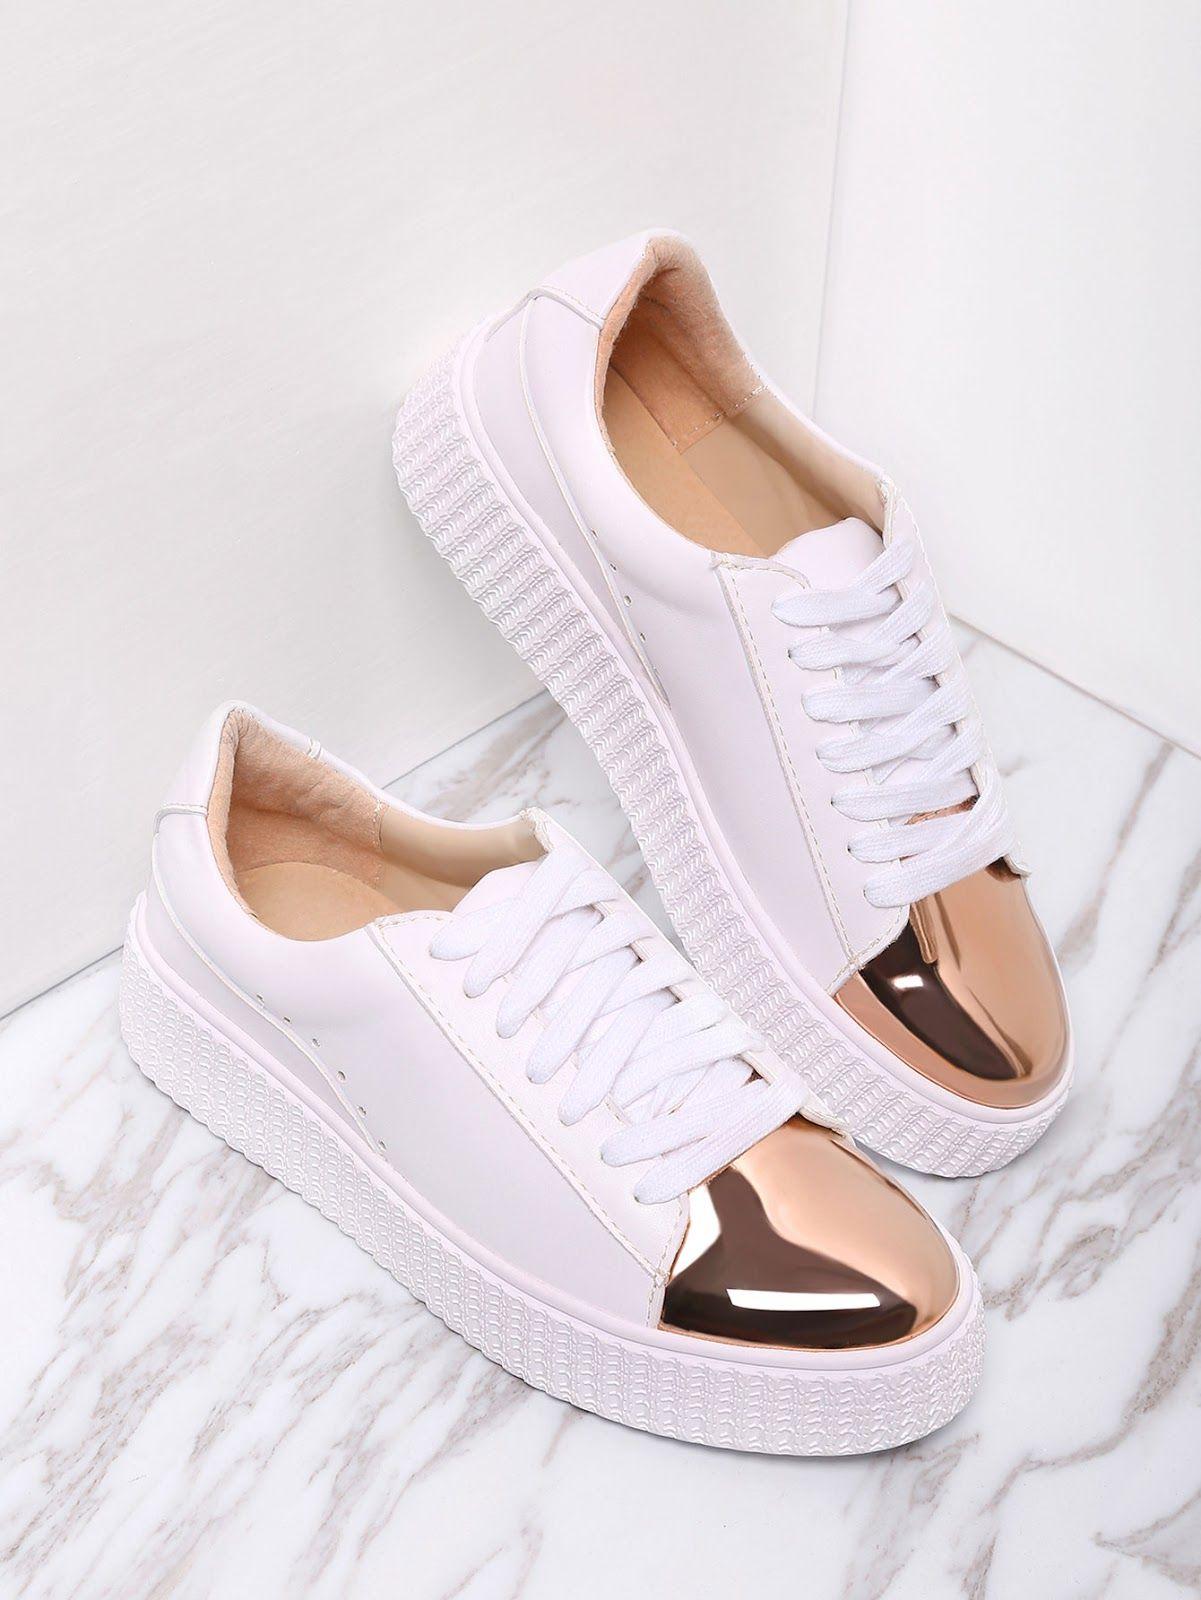 b17410fc36d0e Zapatillas a la Moda 2017. Zapatillas a la Moda 2017 Zapatos Nike ...